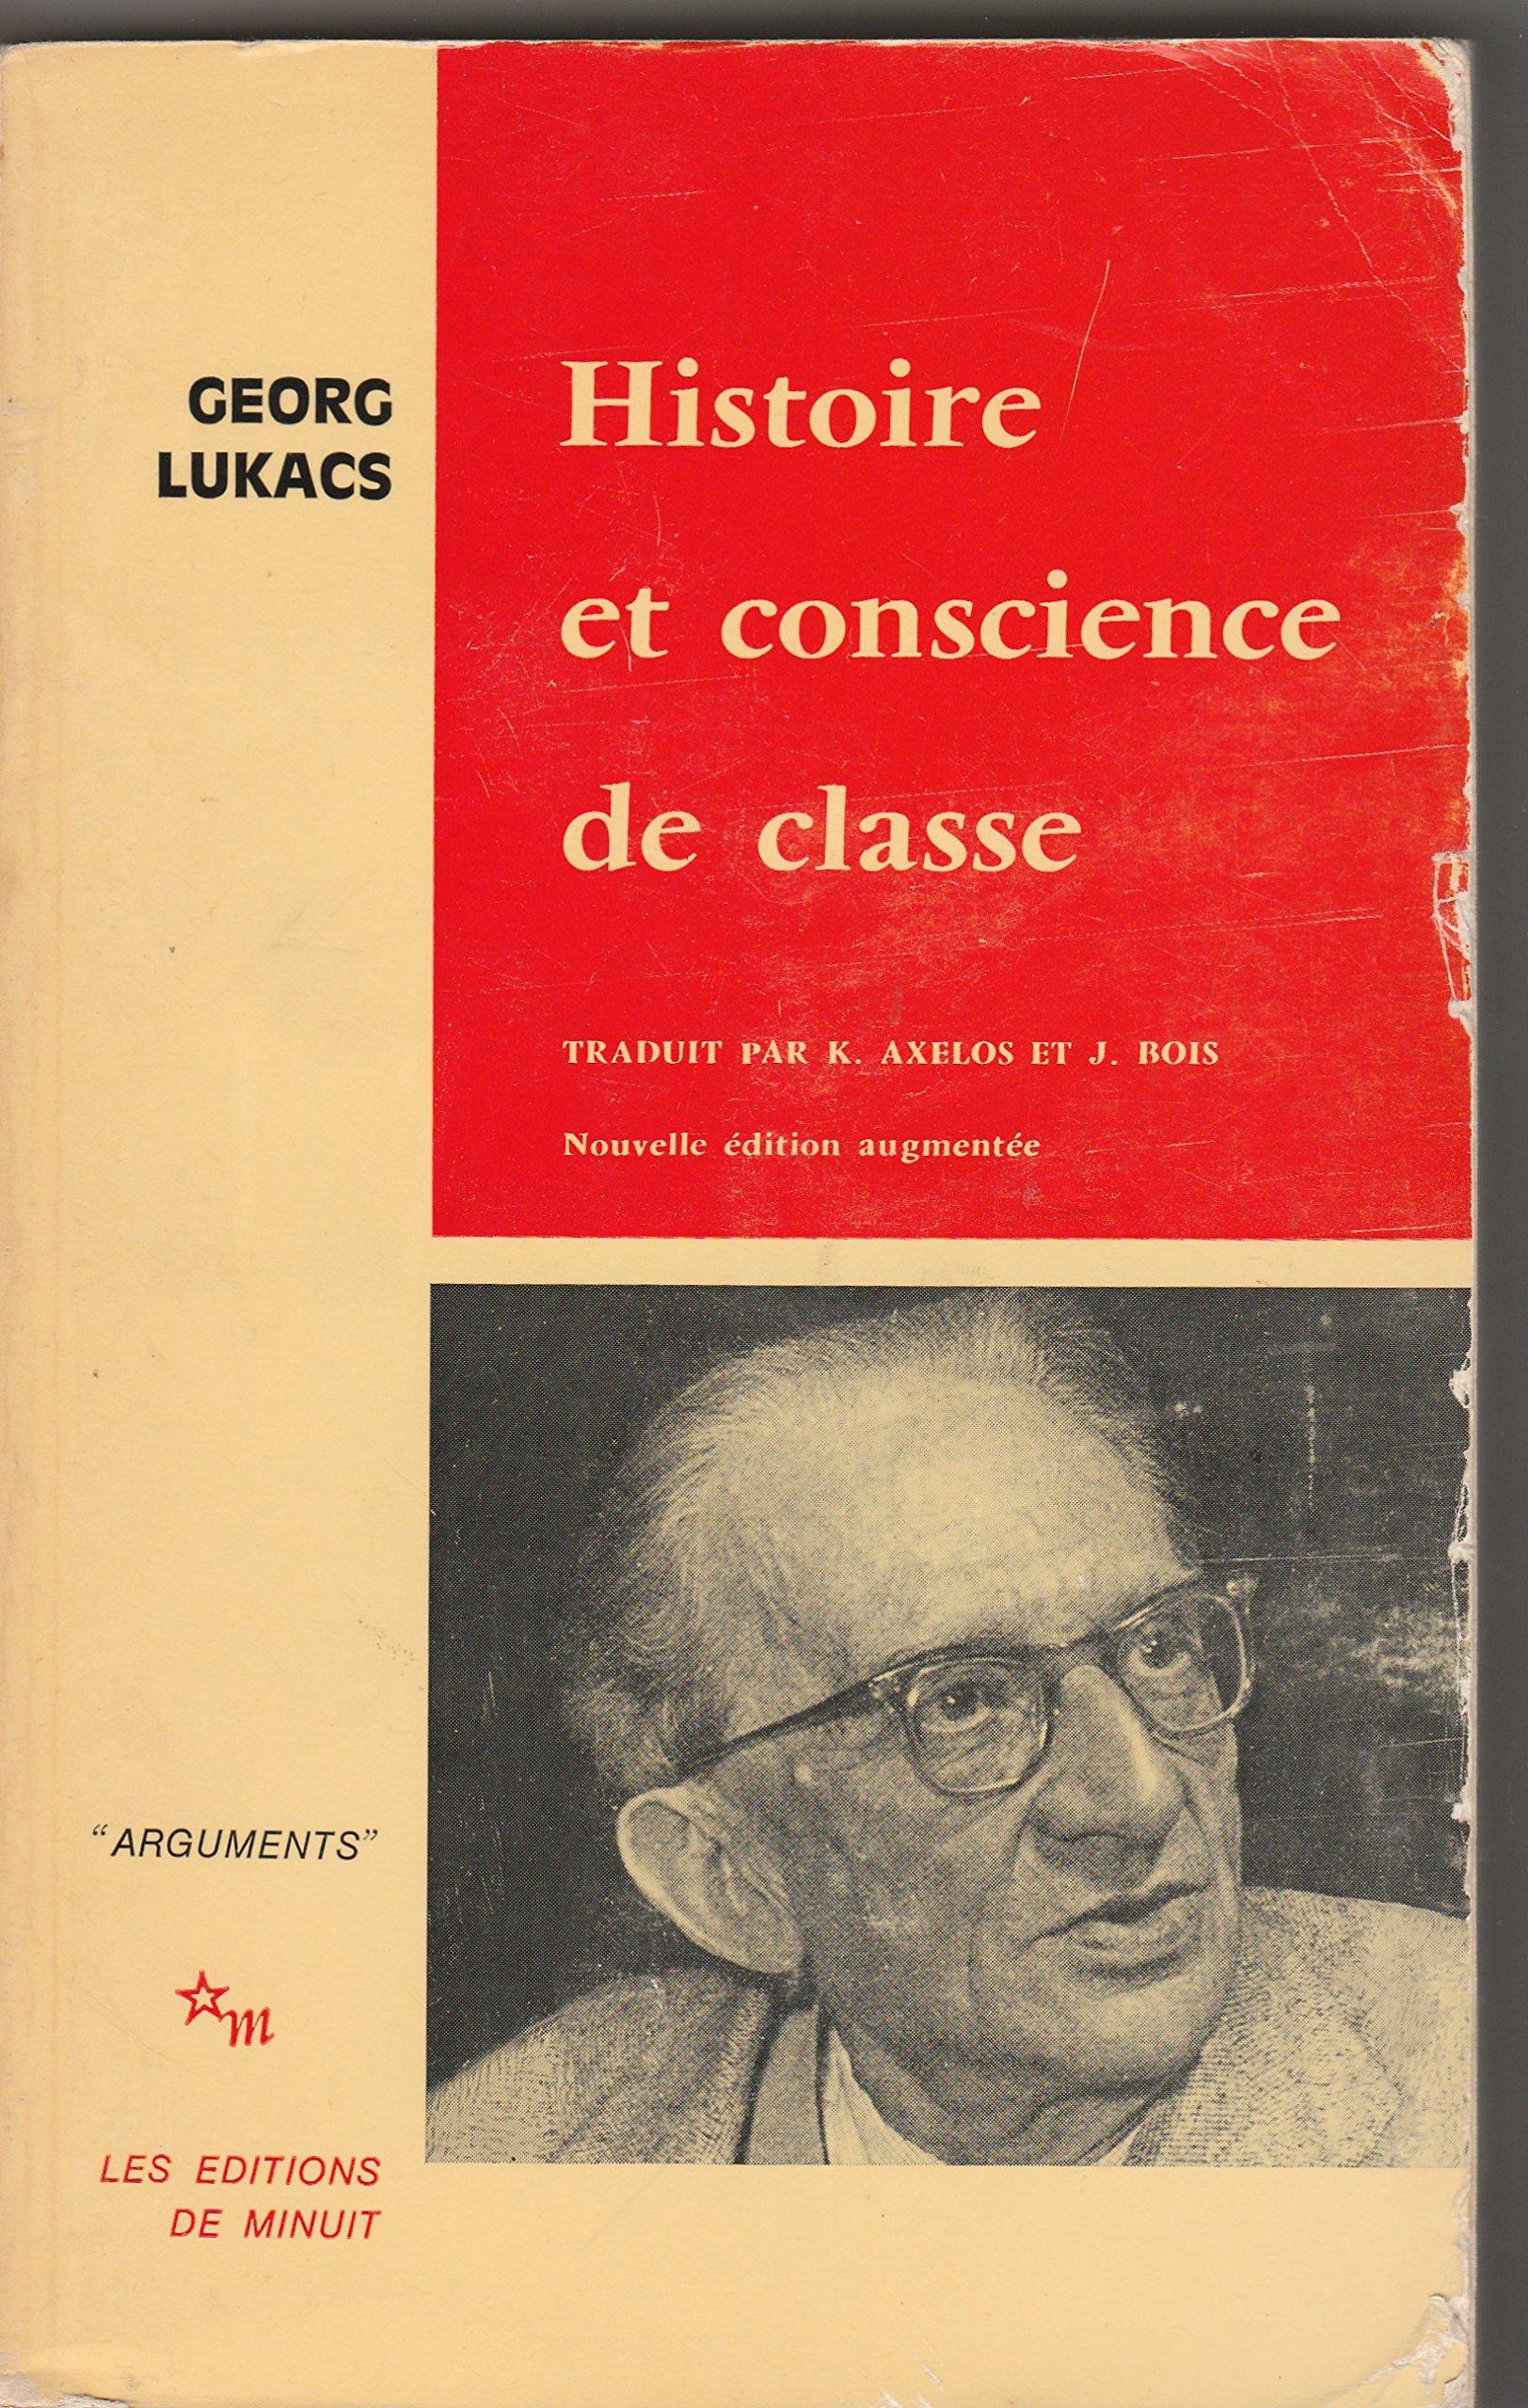 """Résultat de recherche d'images pour """"Histoire et conscience de classe : Essai de dialectique marxiste - Georg Lukacs"""""""